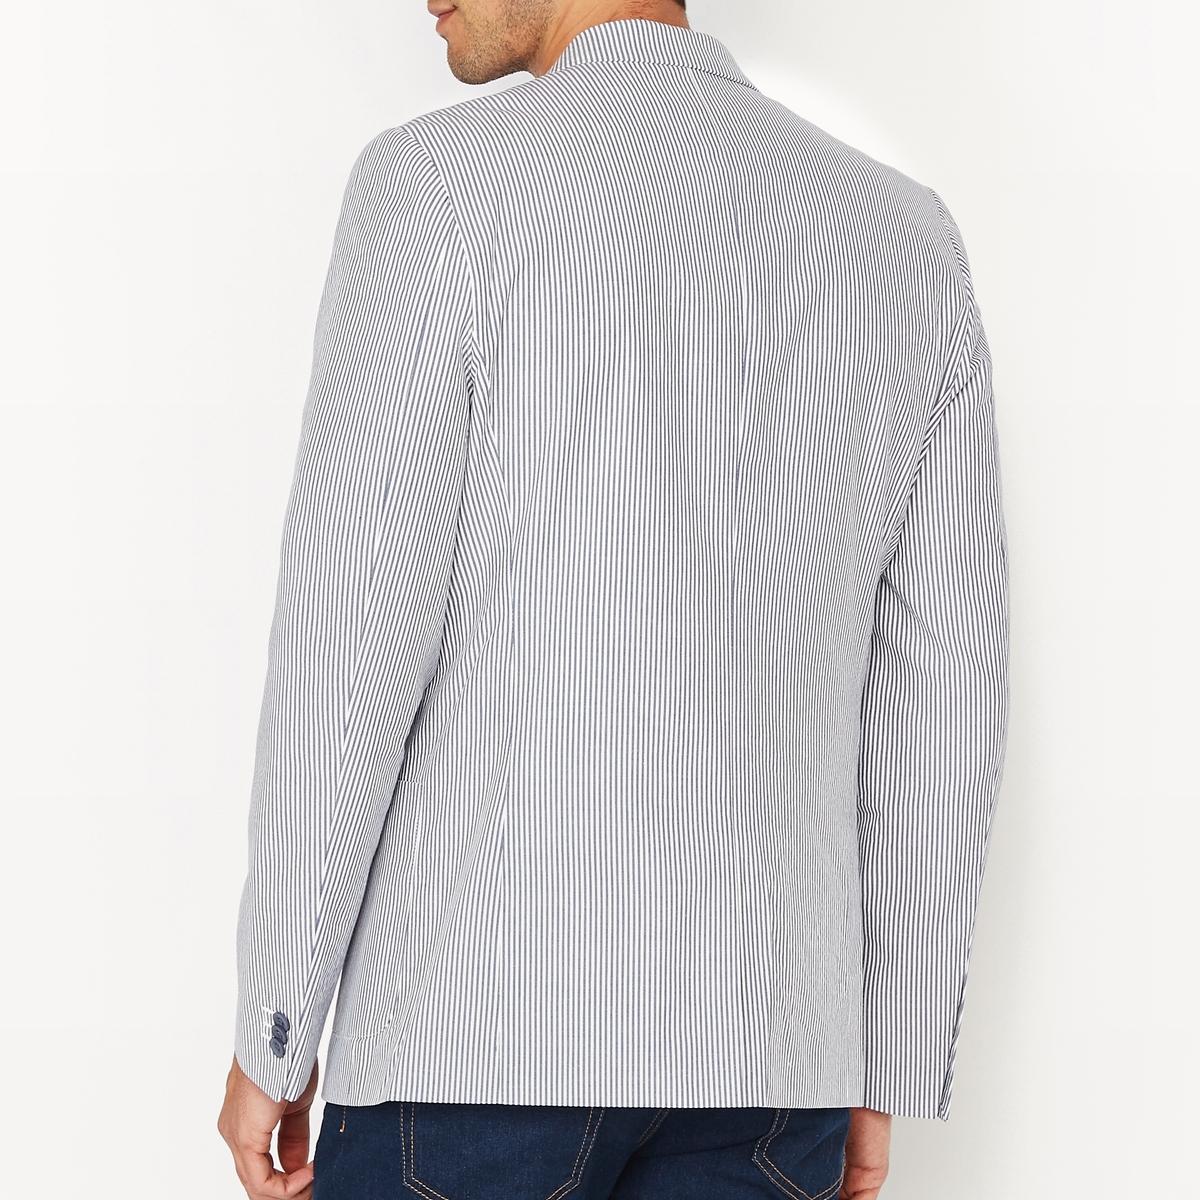 Жакет костюмный узкого покроя в полоскуСостав и описание :Основной материал : Легкая полосатая ткань 100% хлопок Подкладка : 70% хлопка, 30% полиамида (основная часть) et 100% полиэстера (рукава)Марка : R essentiel.Длина : 75 см Уход :Рекомендуется сухая чистка<br><br>Цвет: в полоску белый/темно-синий<br>Размер: 42.44